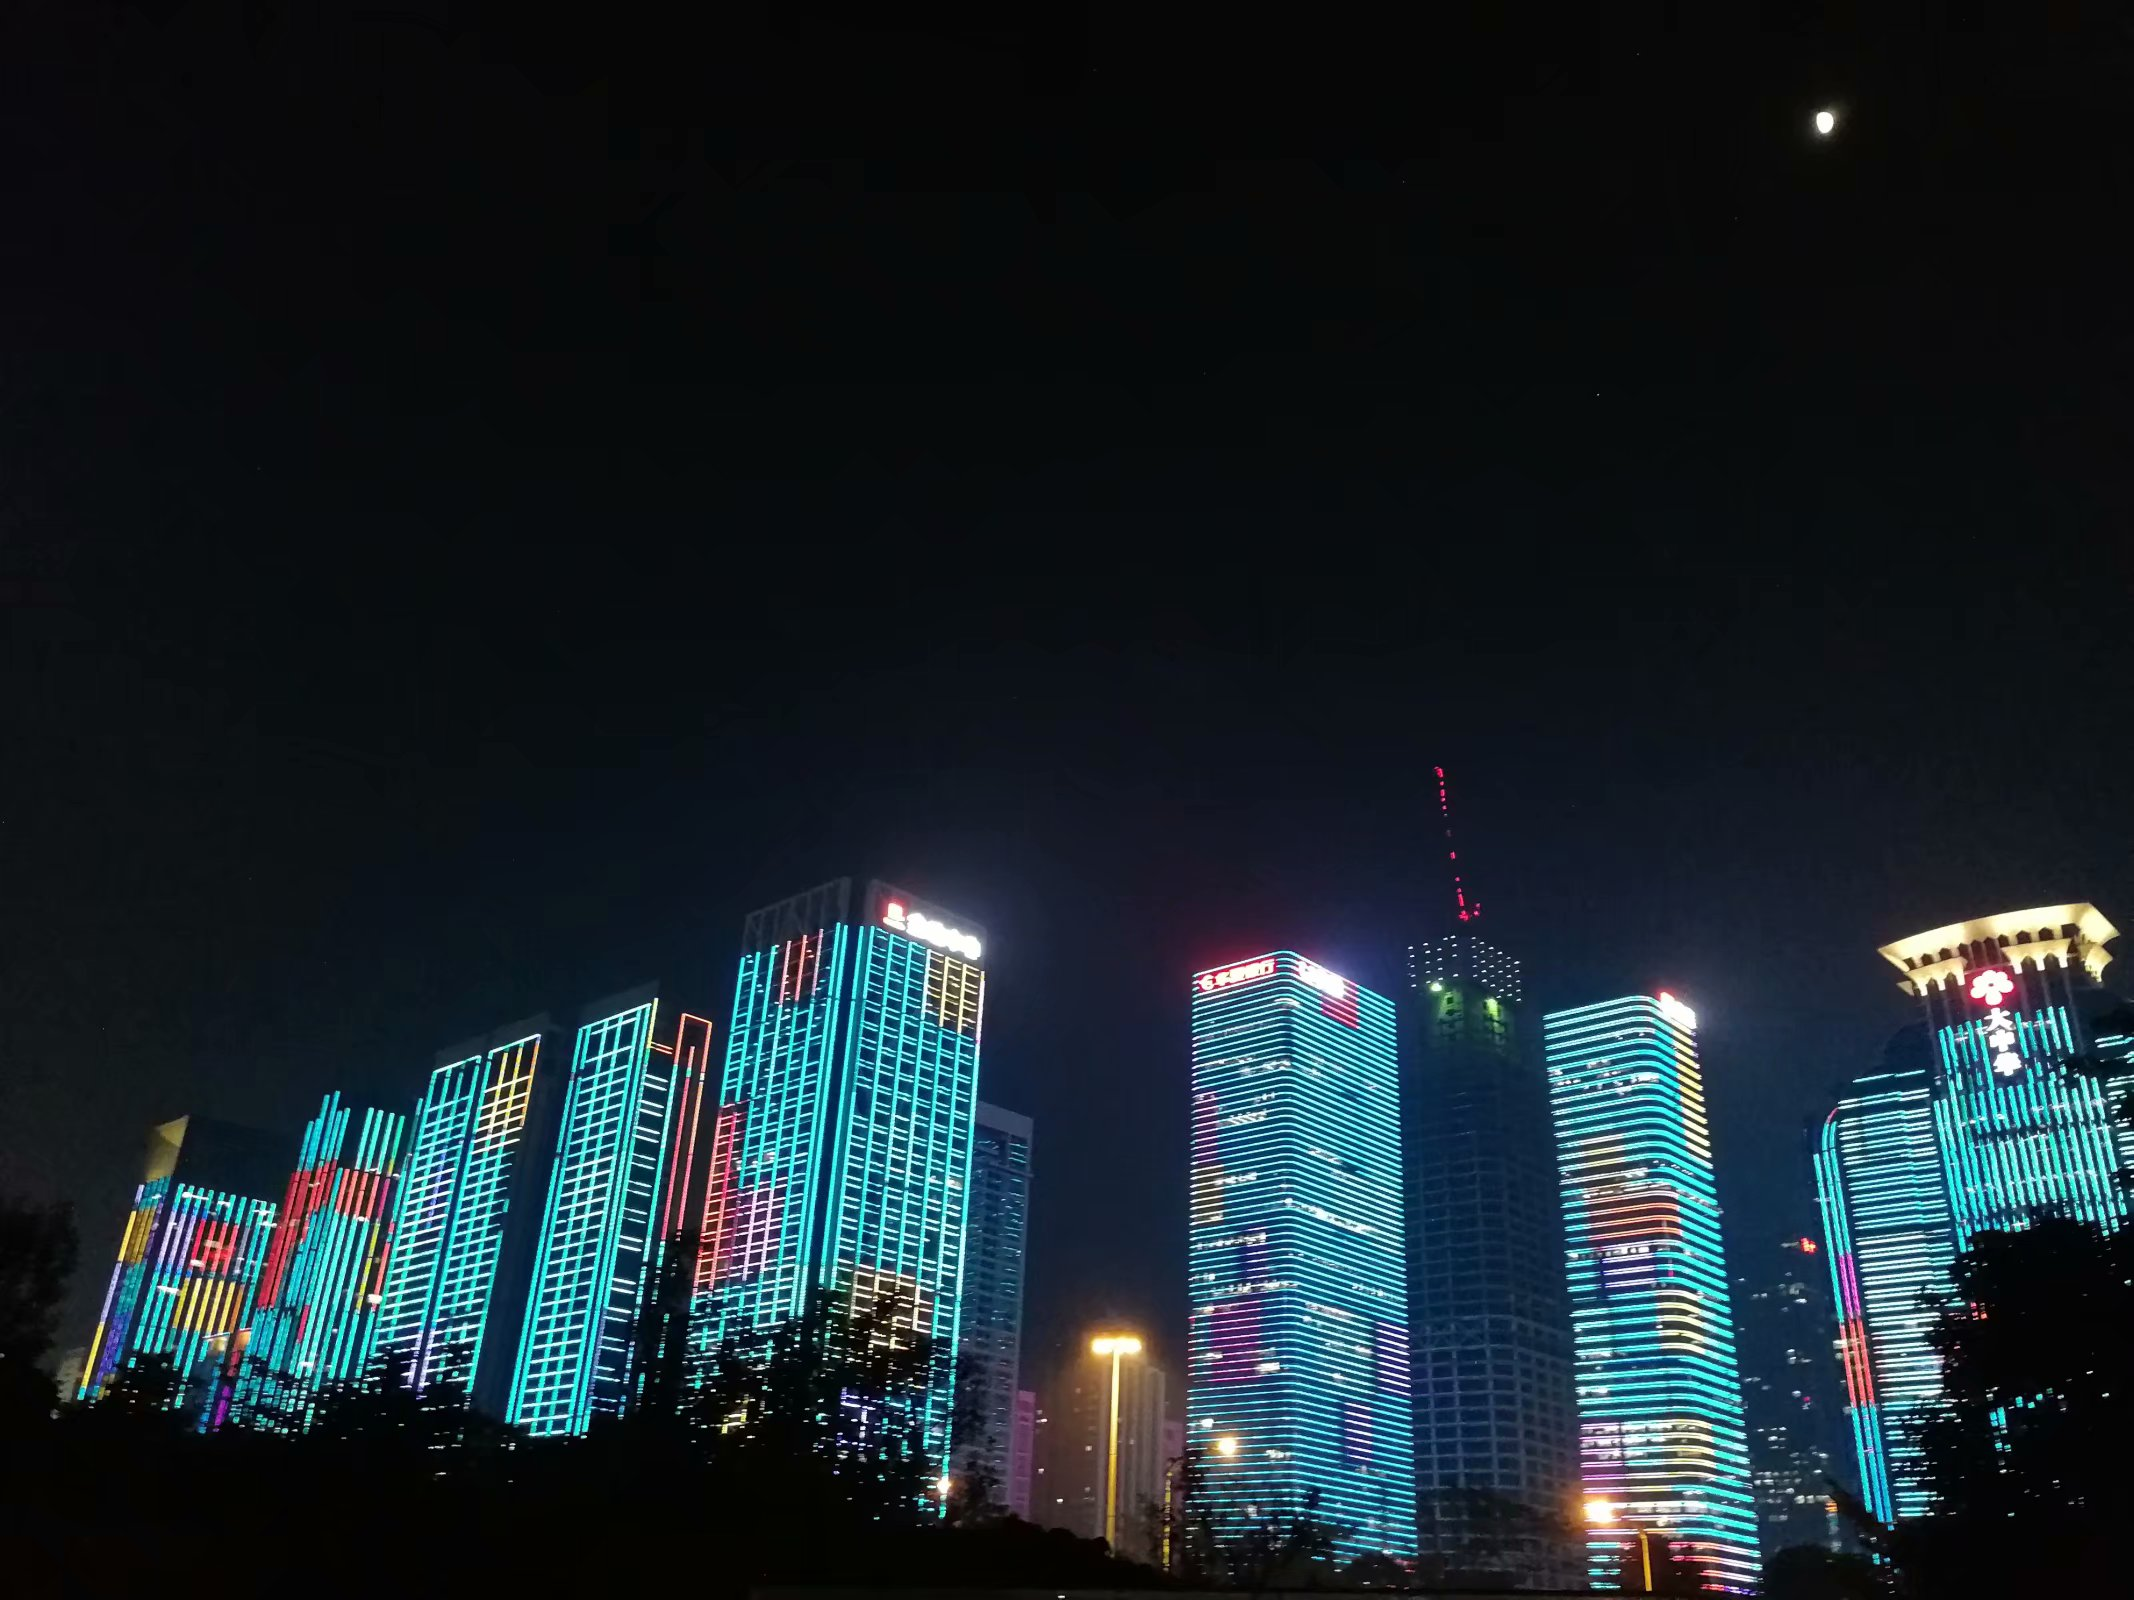 深圳灯光秀新版本即将上演 附观赏指南